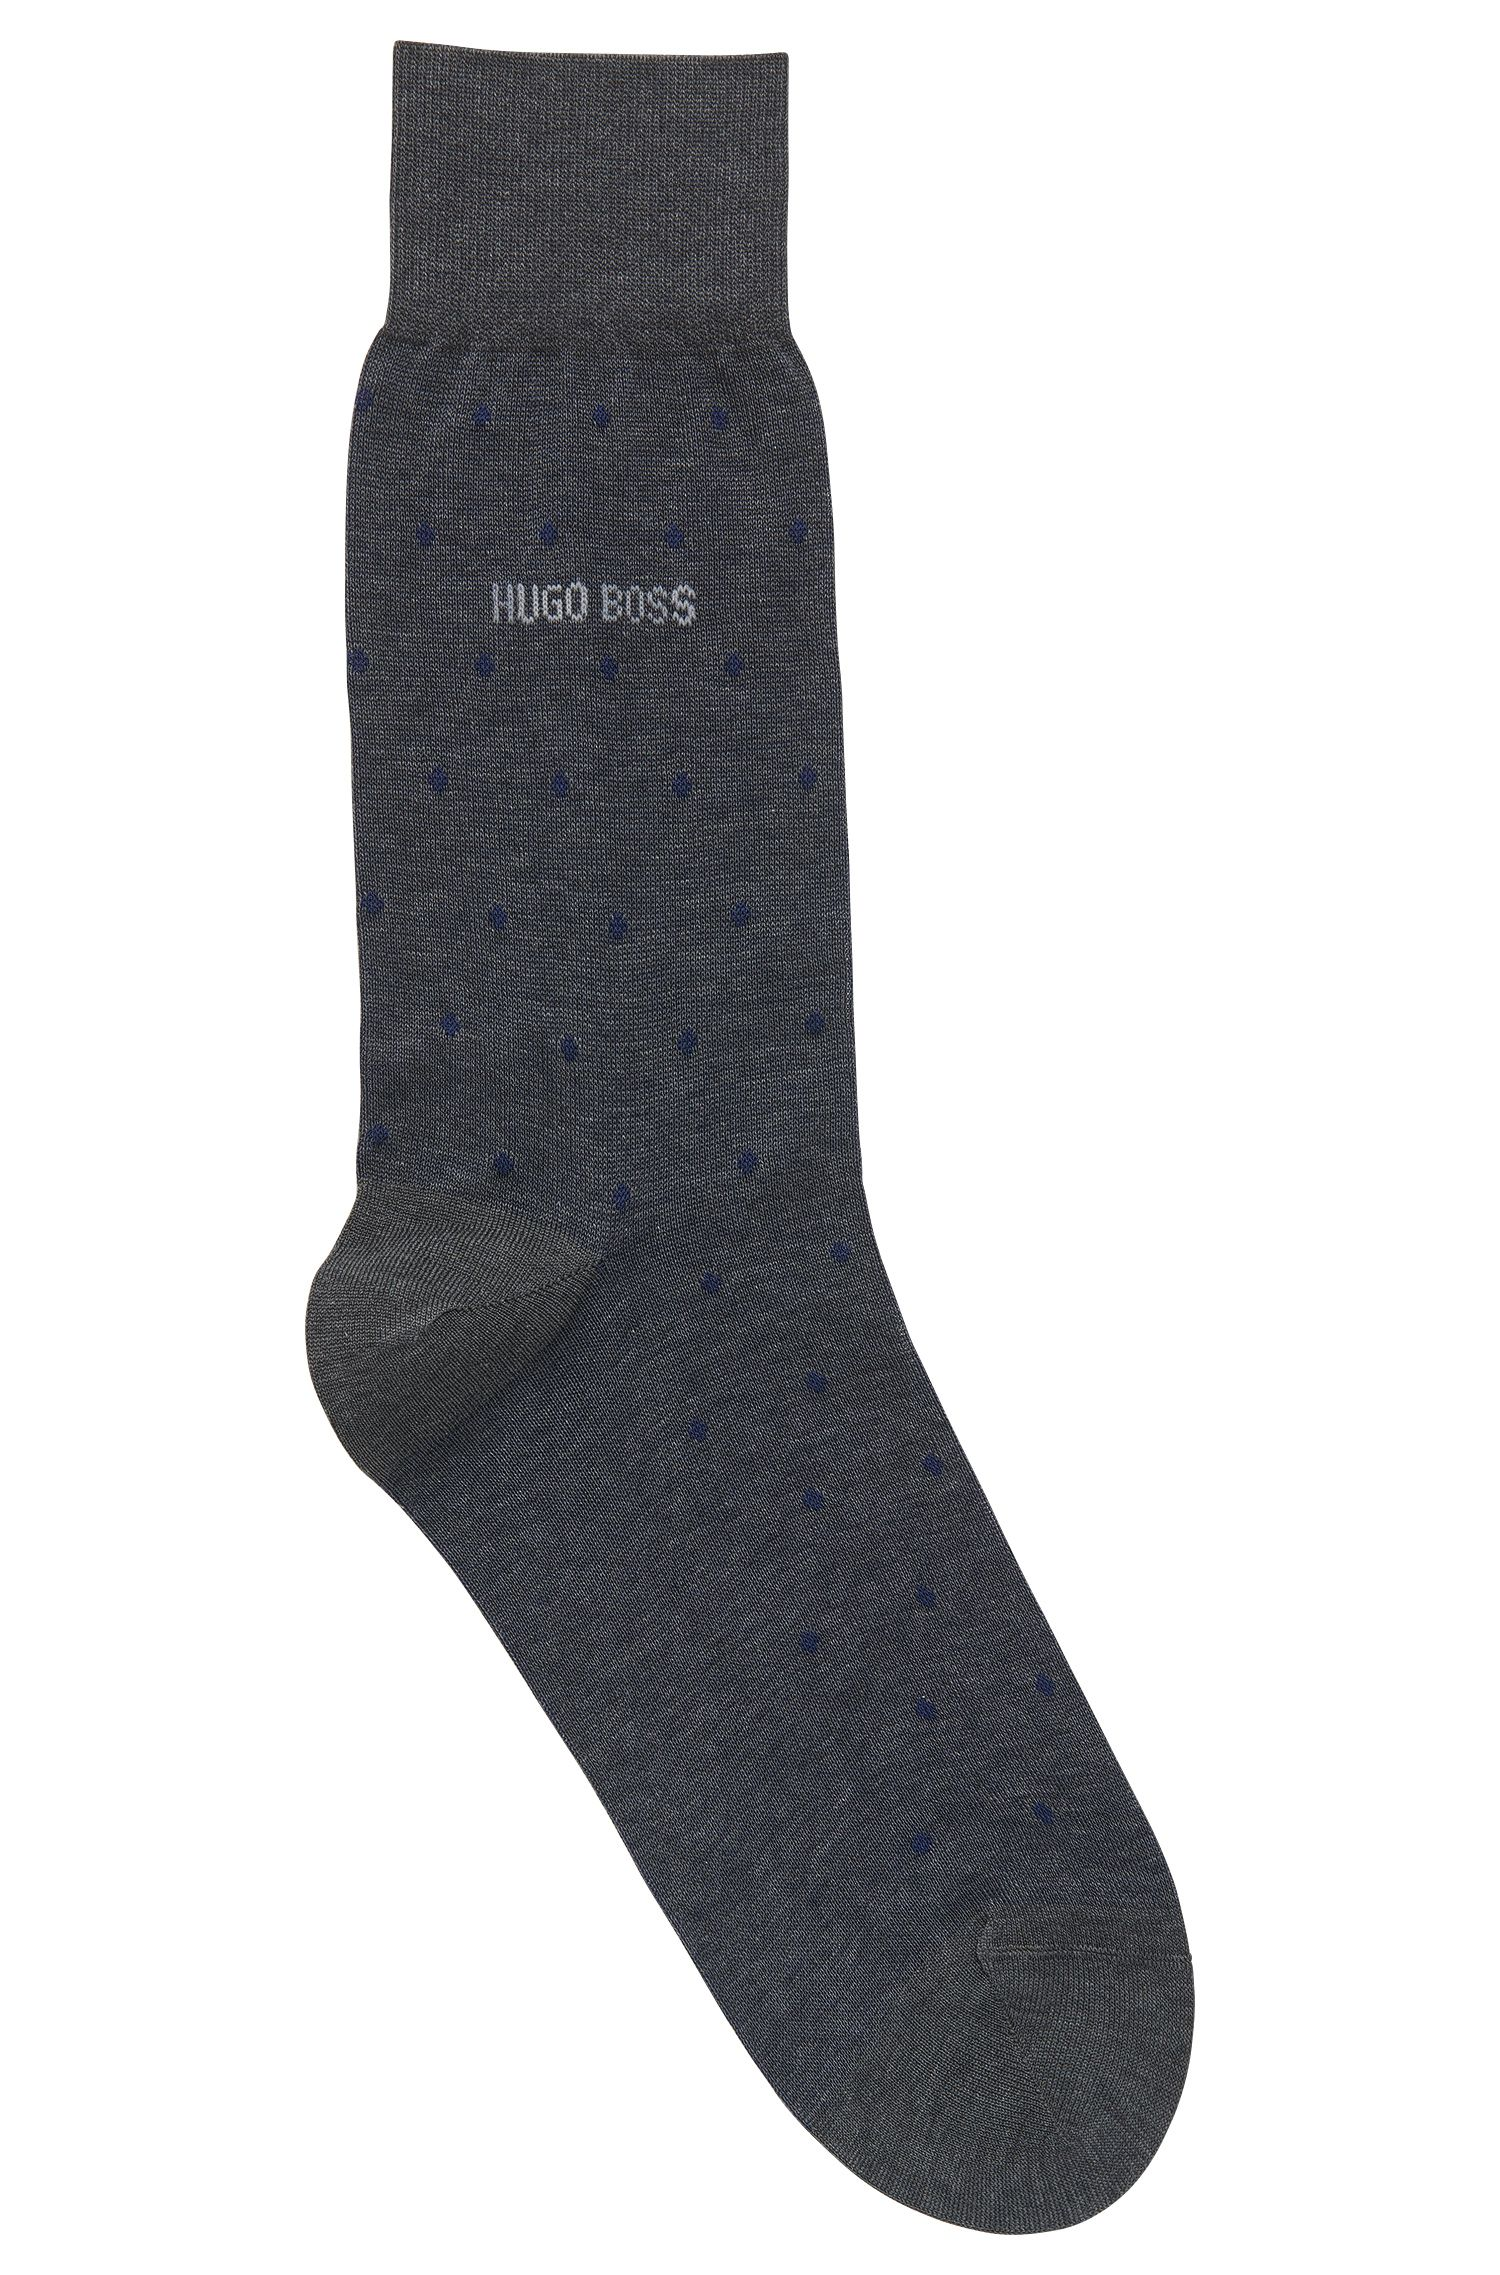 Calcetines de fantasía de largo estándar en algodón mercerizado